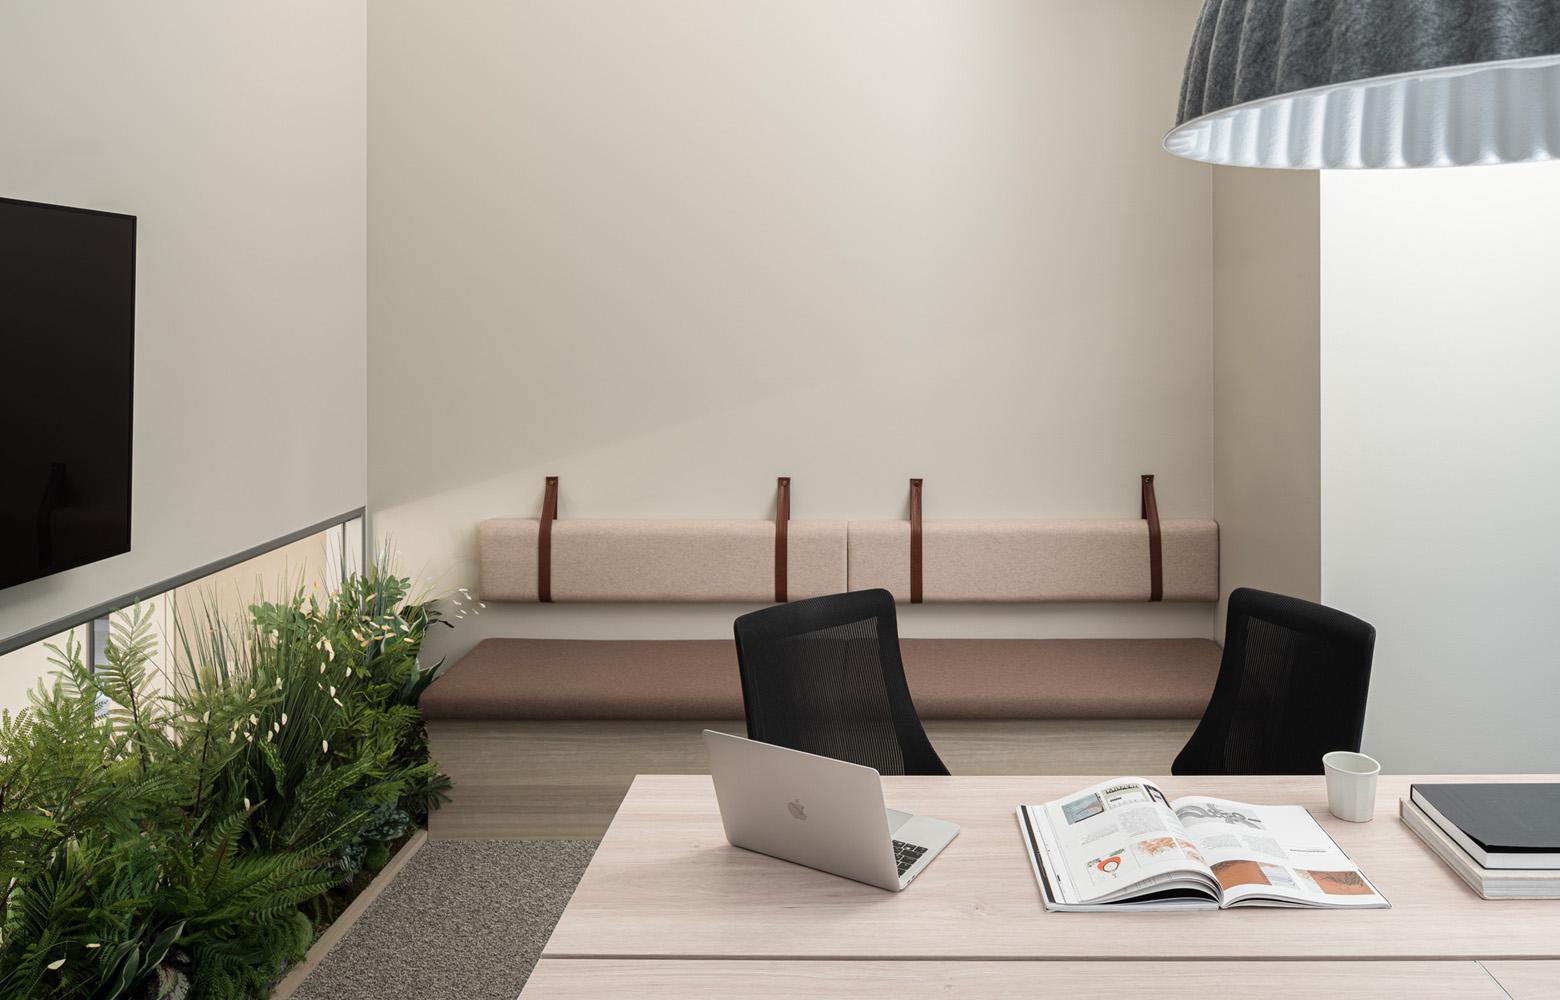 日本成長投資アライアンス株式会社 Meeting Room_2 デザイン・レイアウト事例